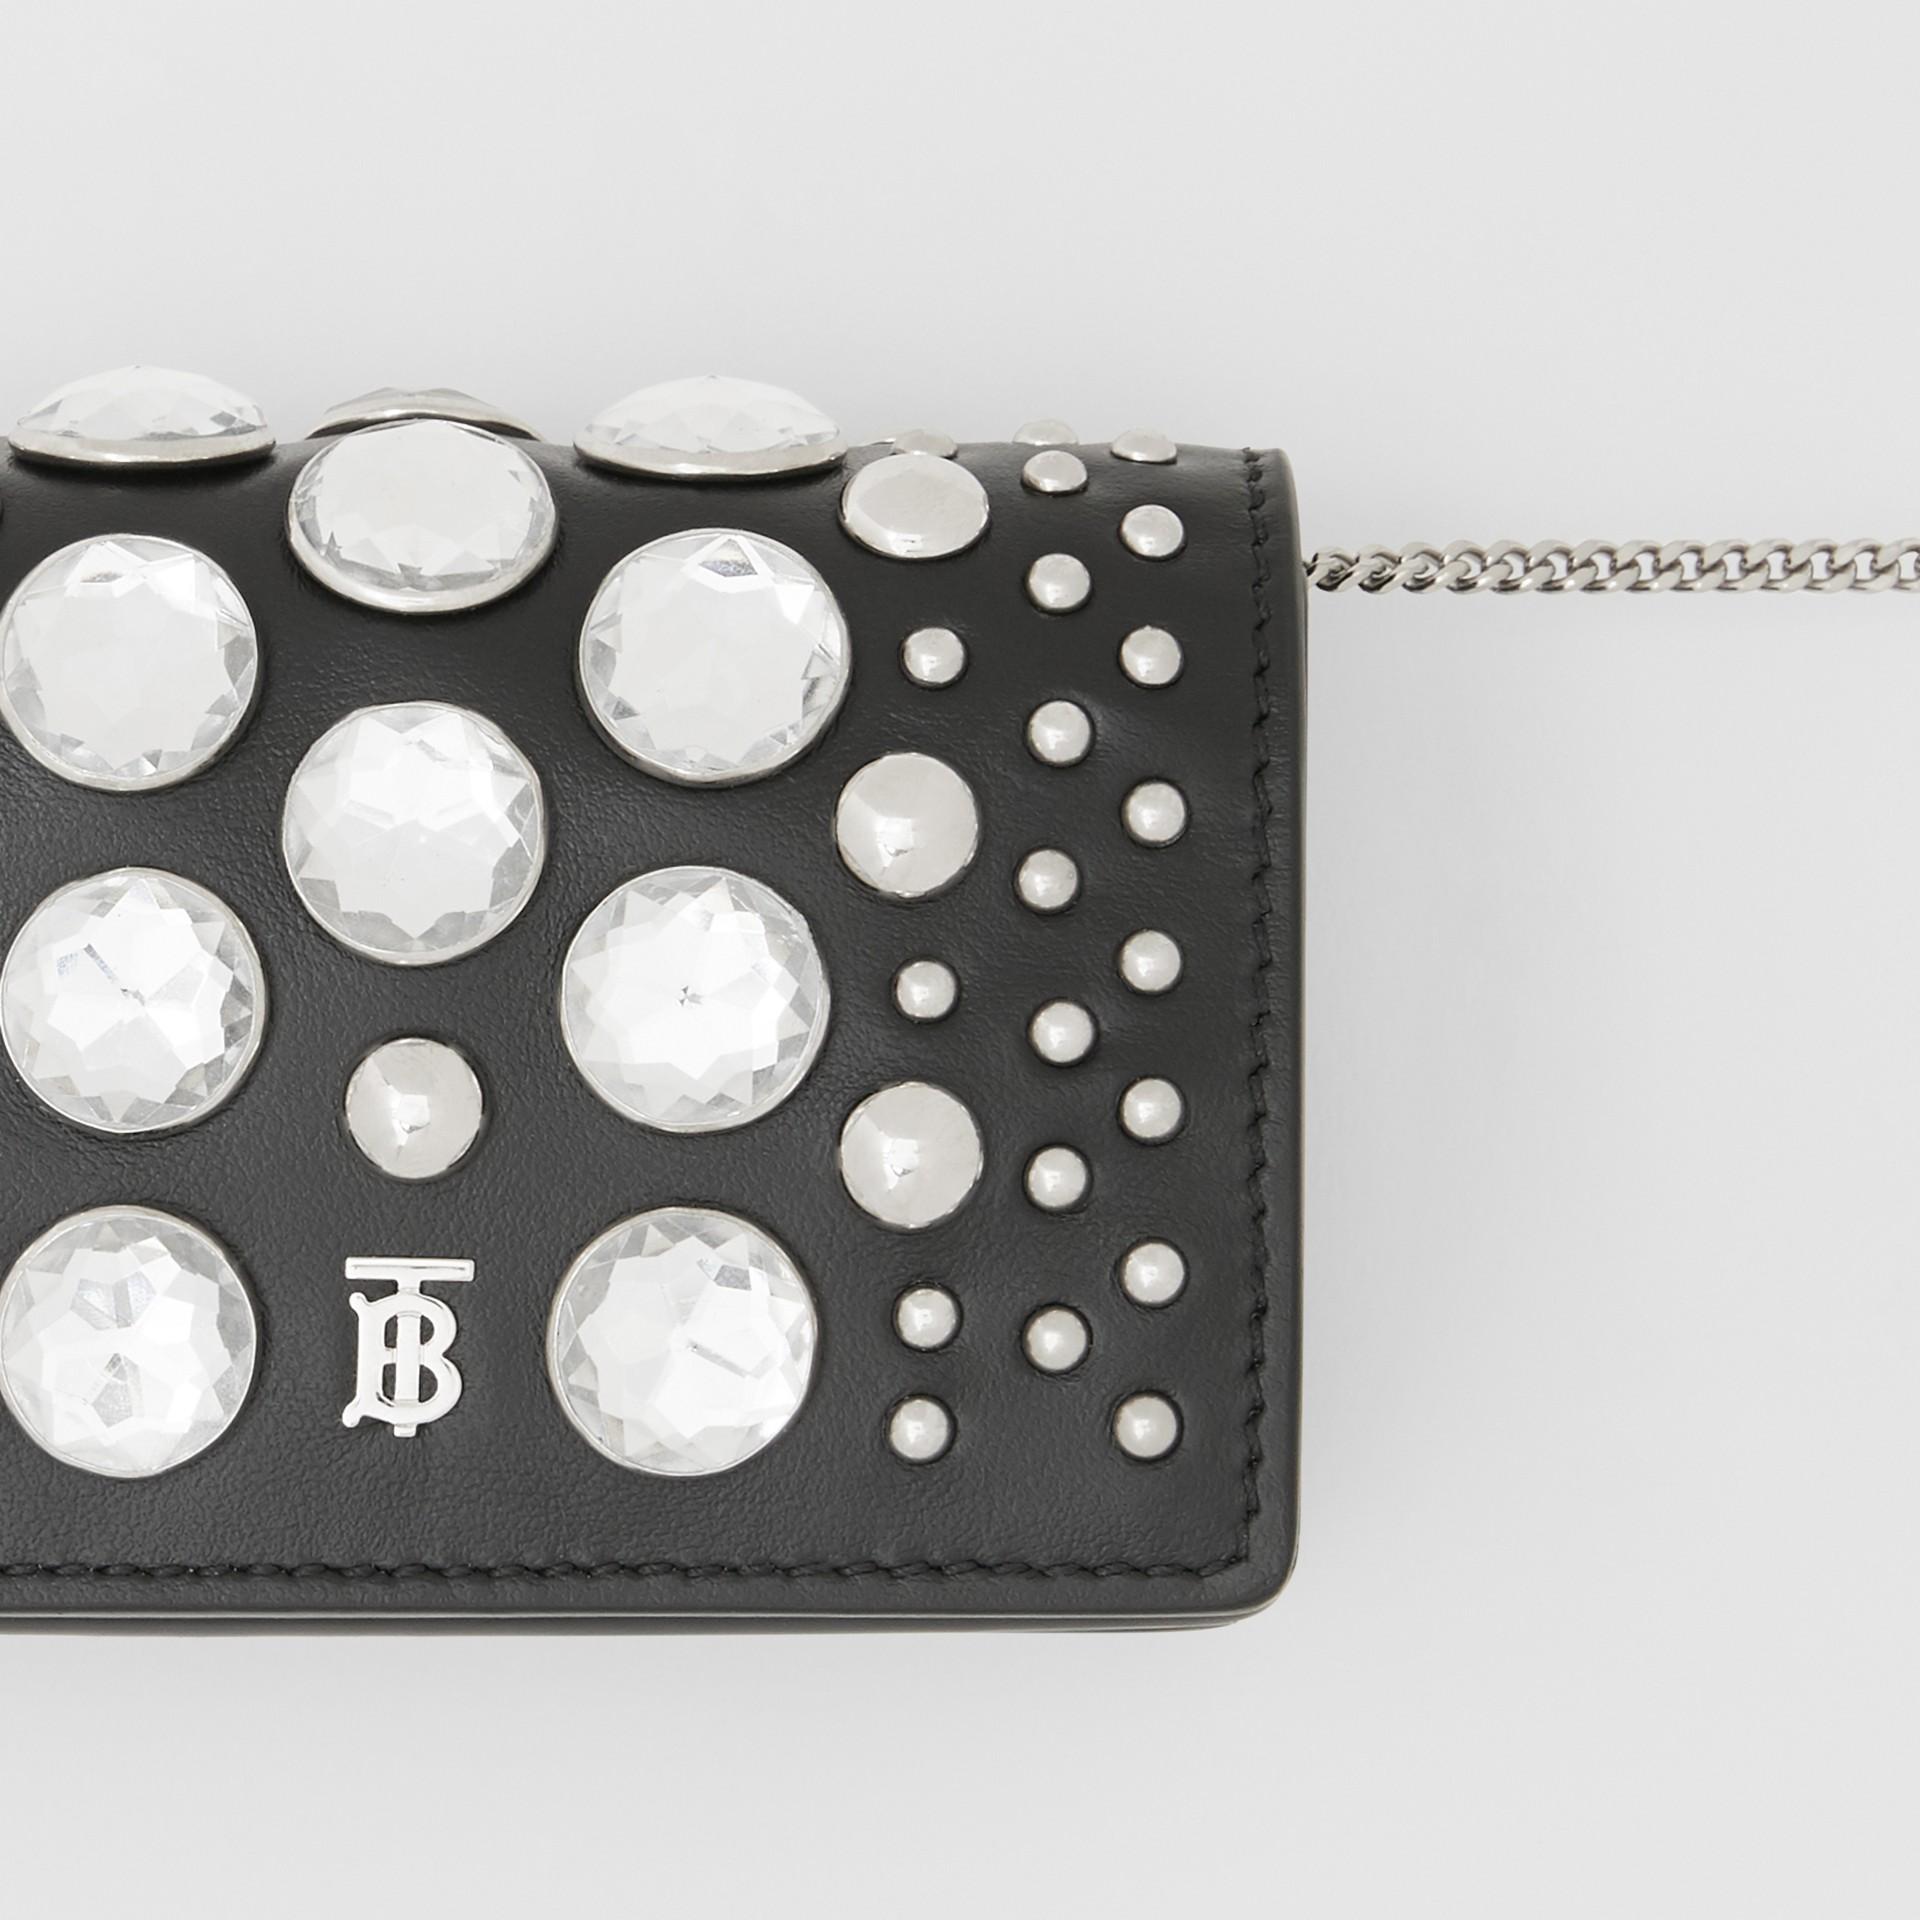 Porte-cartes en cuir avec ornements et sangle amovible (Noir)   Burberry Canada - photo de la galerie 1